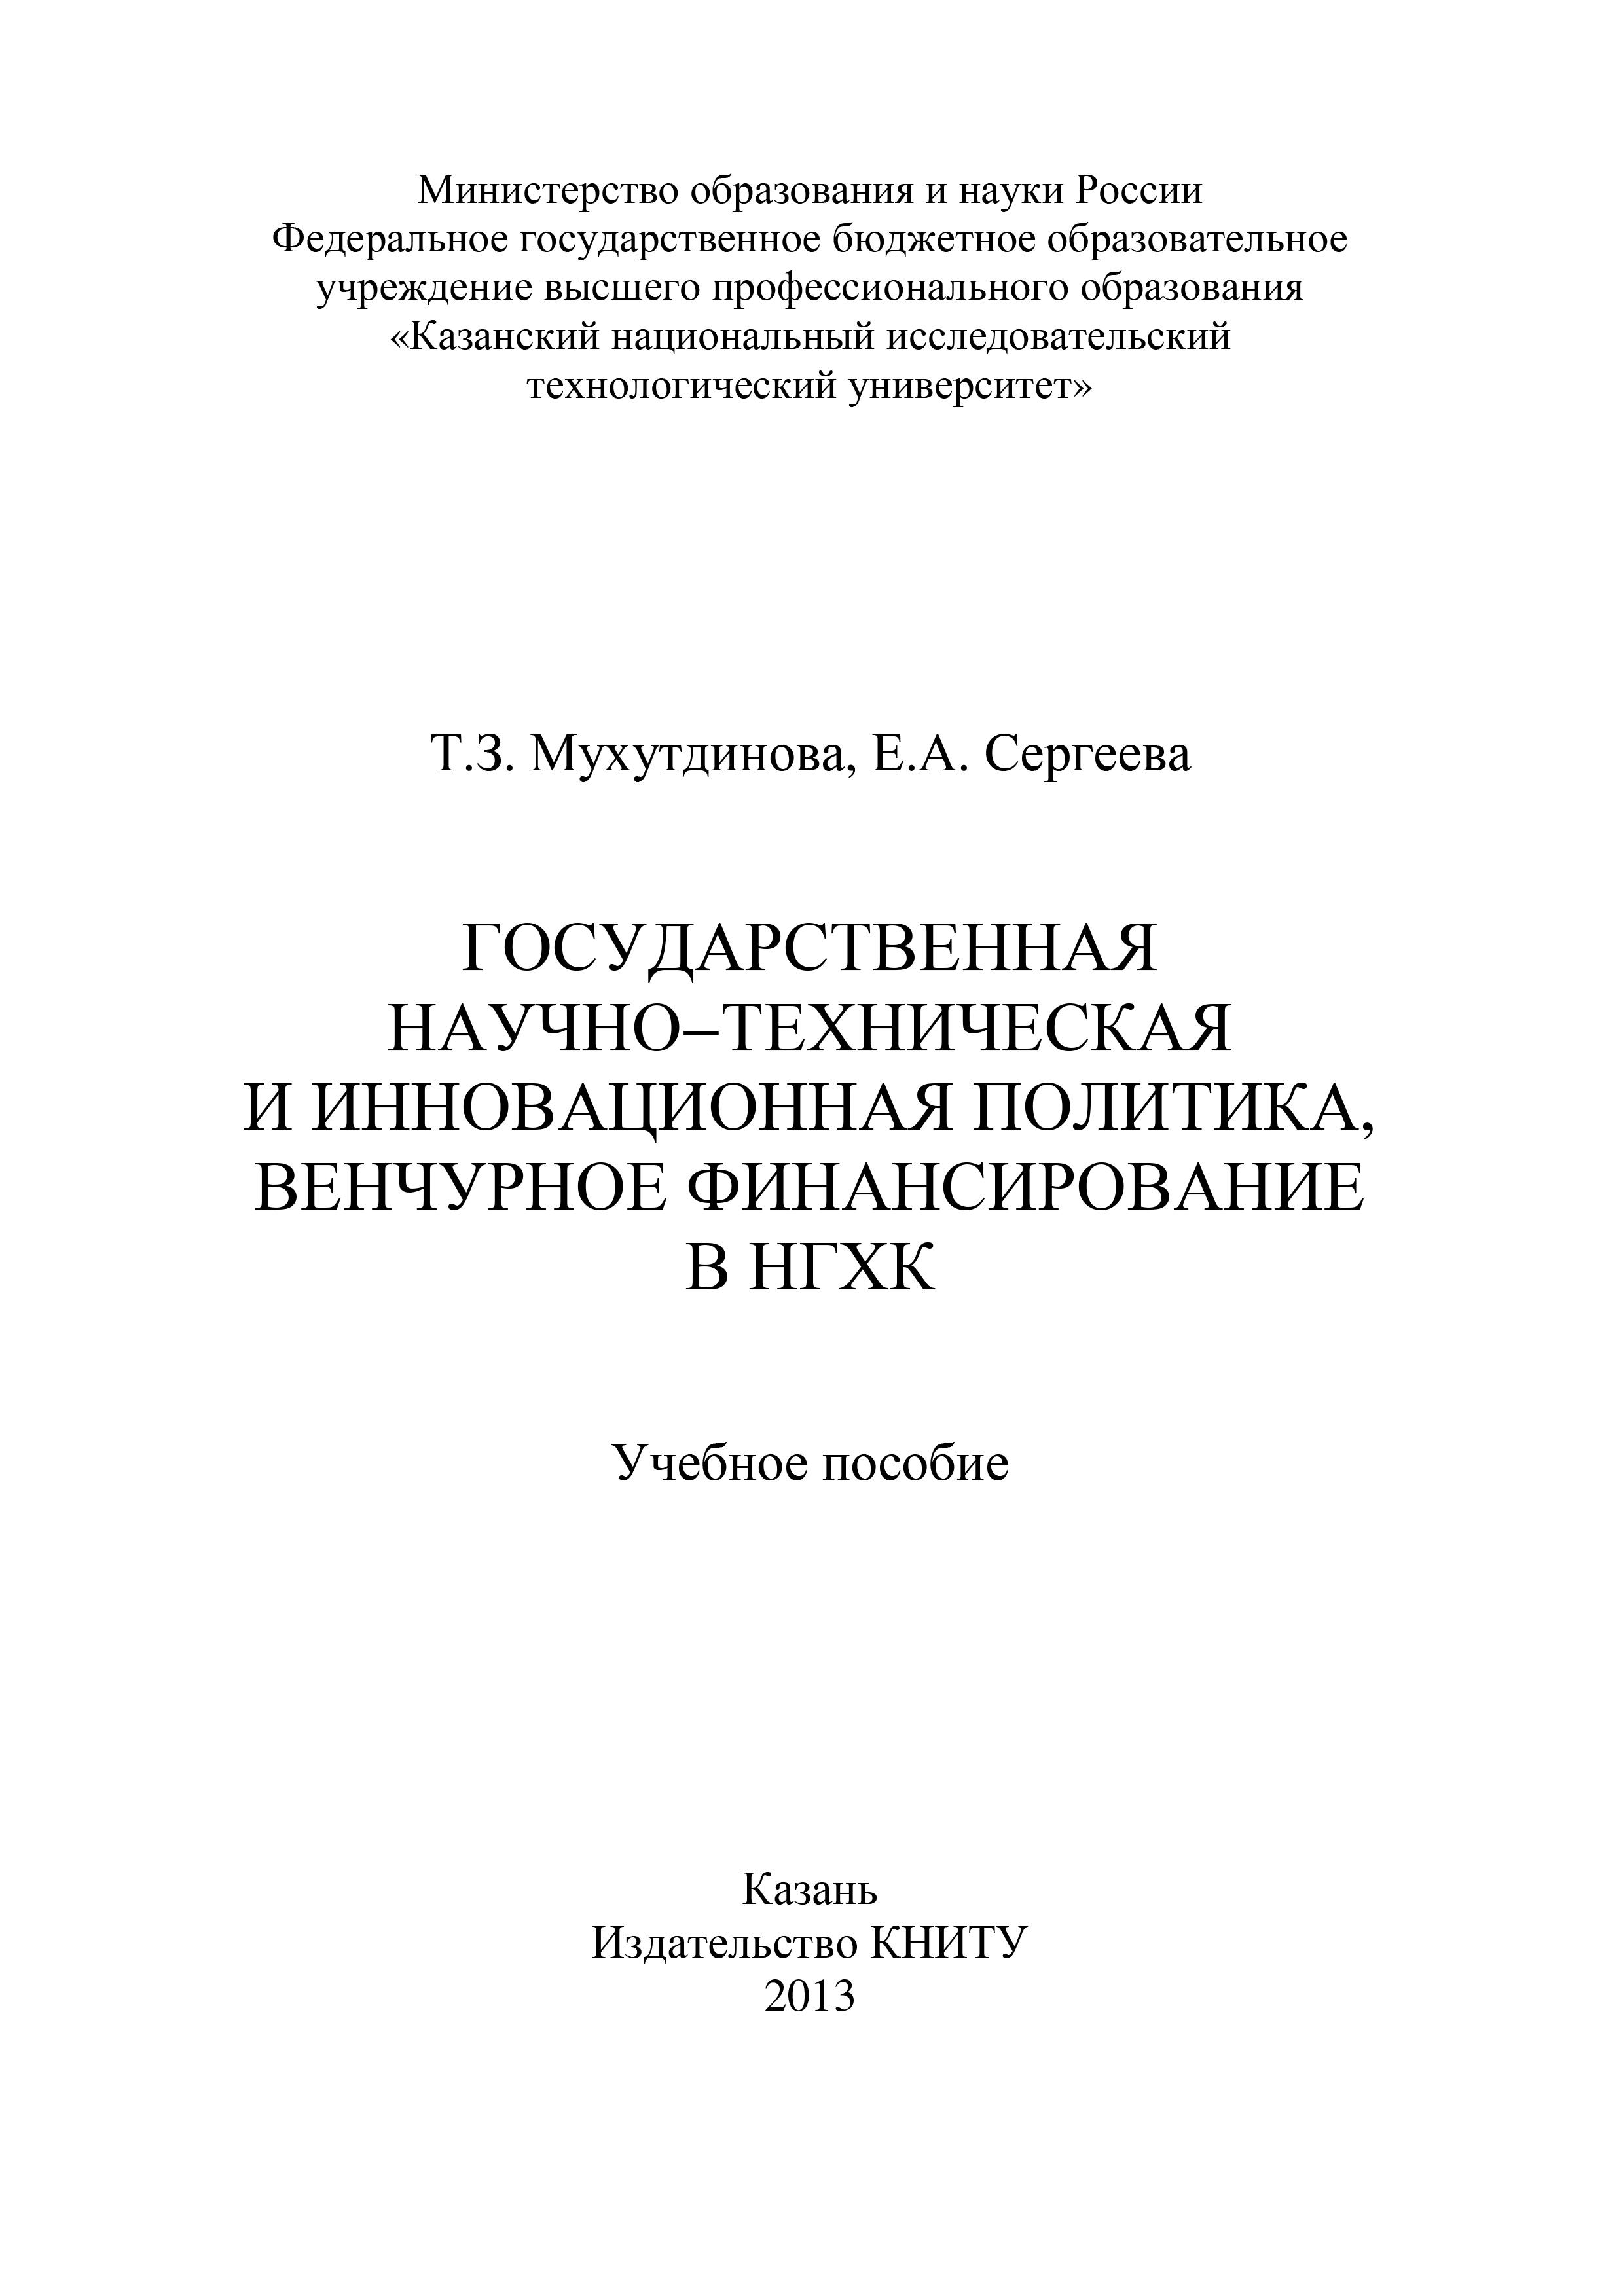 Т. З. Мухутдинова Государственная научно-техническая и инновационная политика, венчурное финансирование в НХГК сергей глазьев концепция 2020 региональная инновационная политика